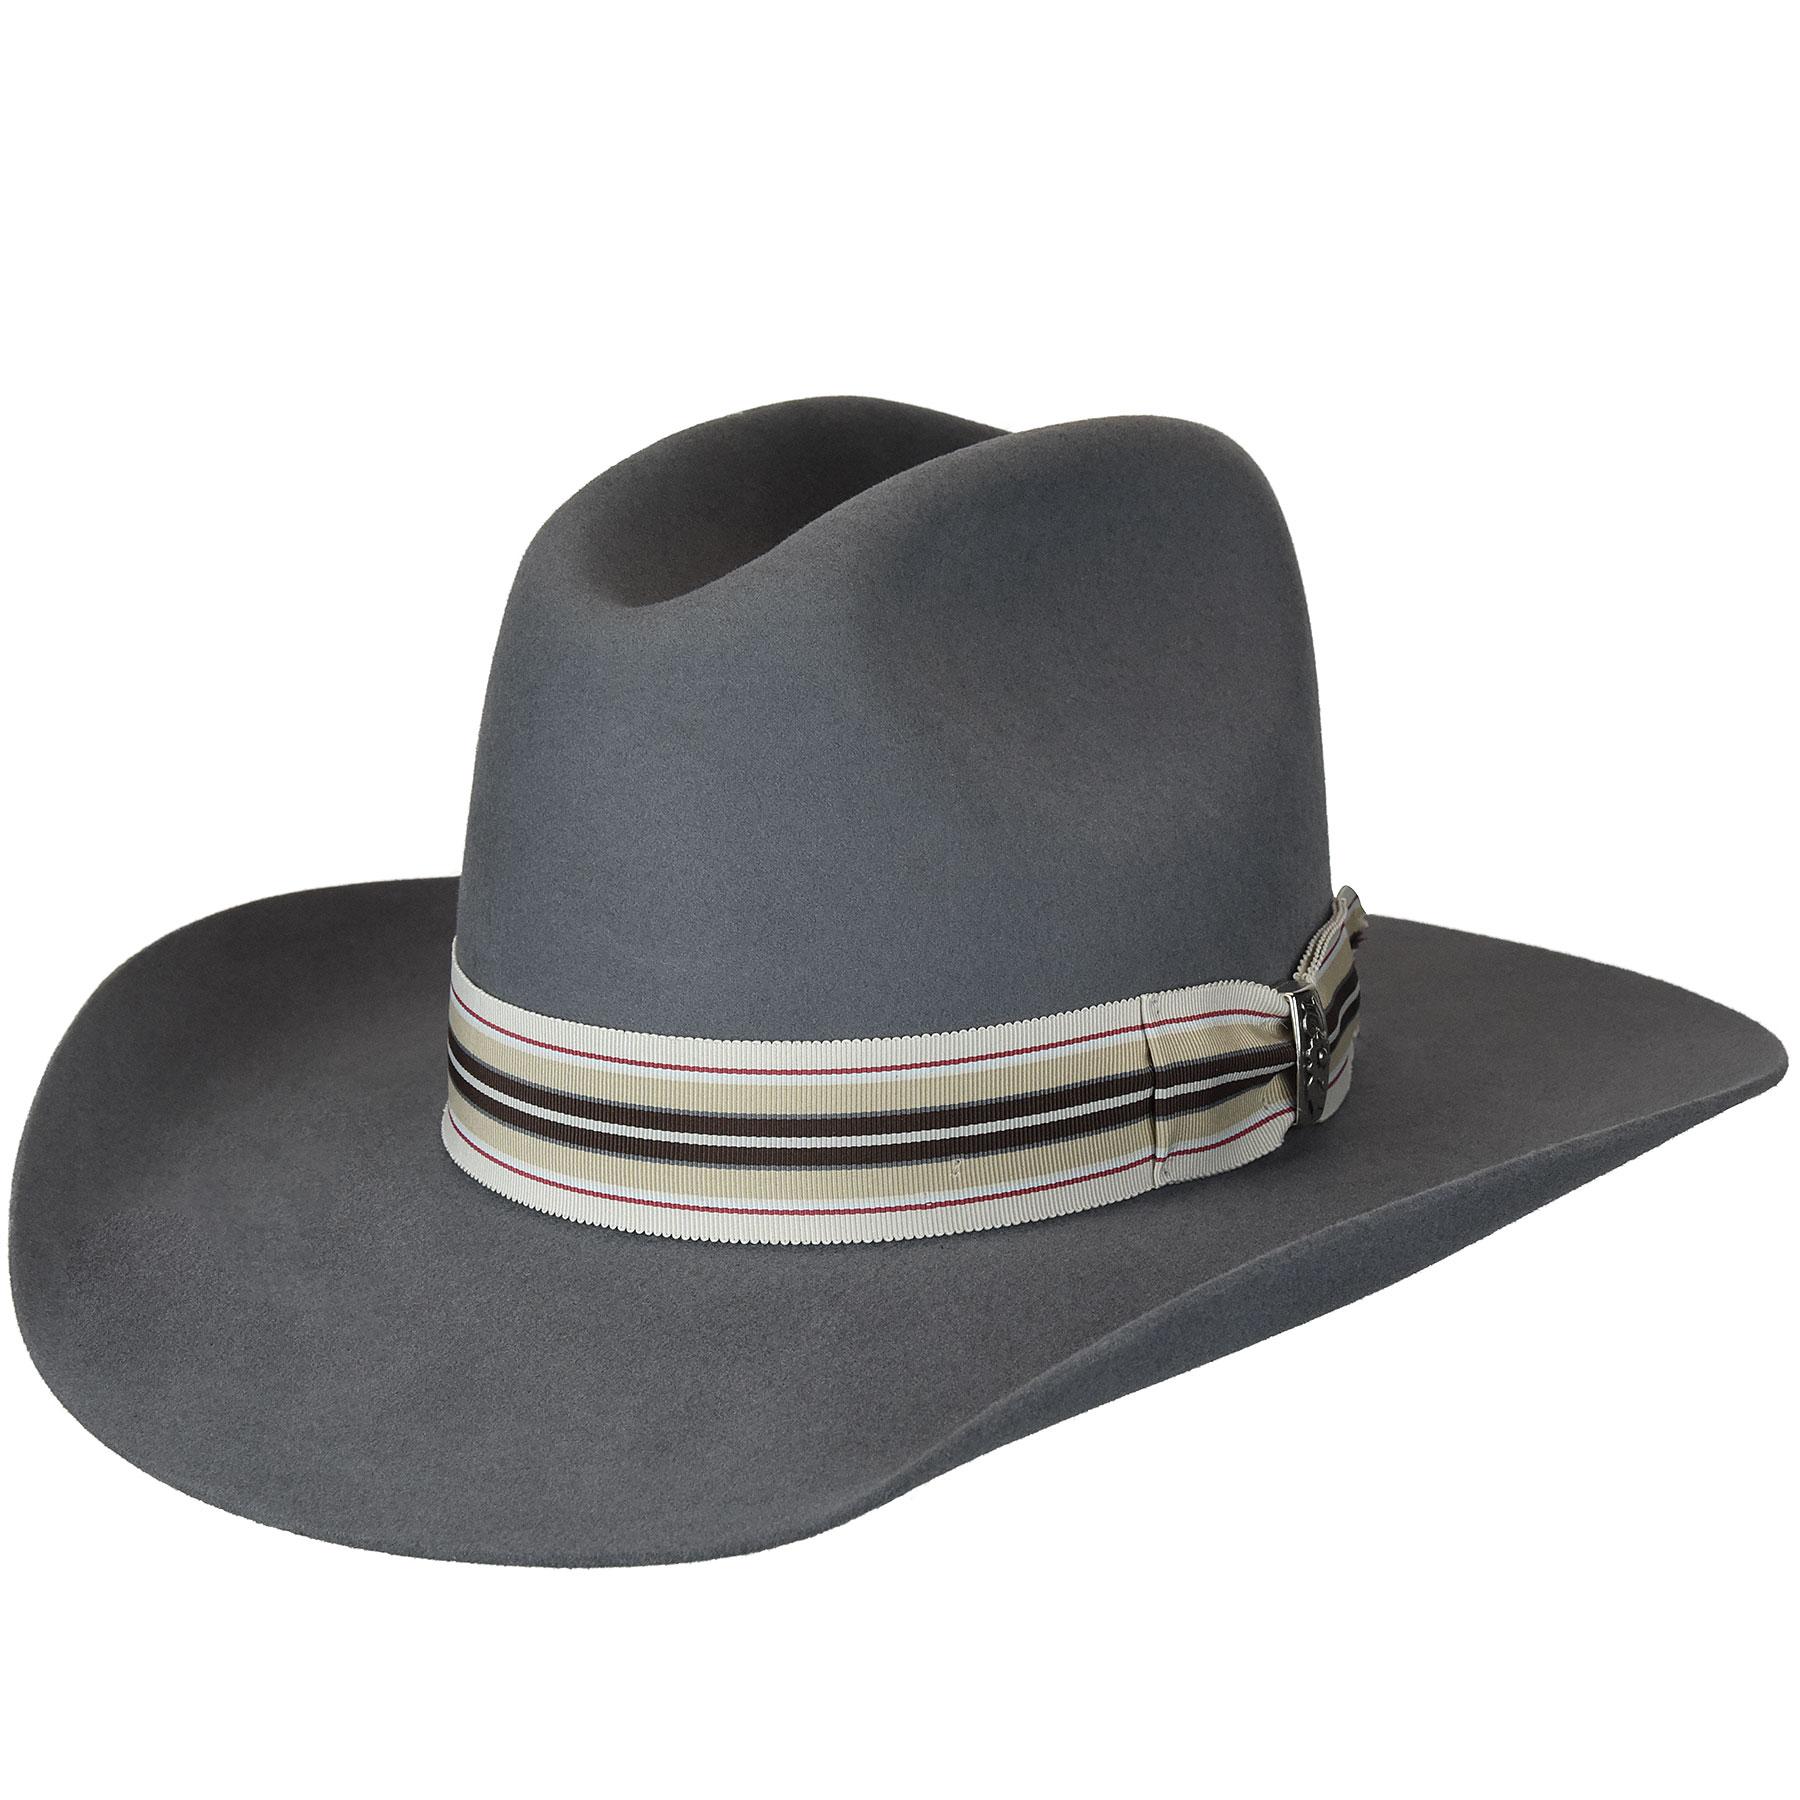 Renegade Renegade Bent Western Hat in Trooper